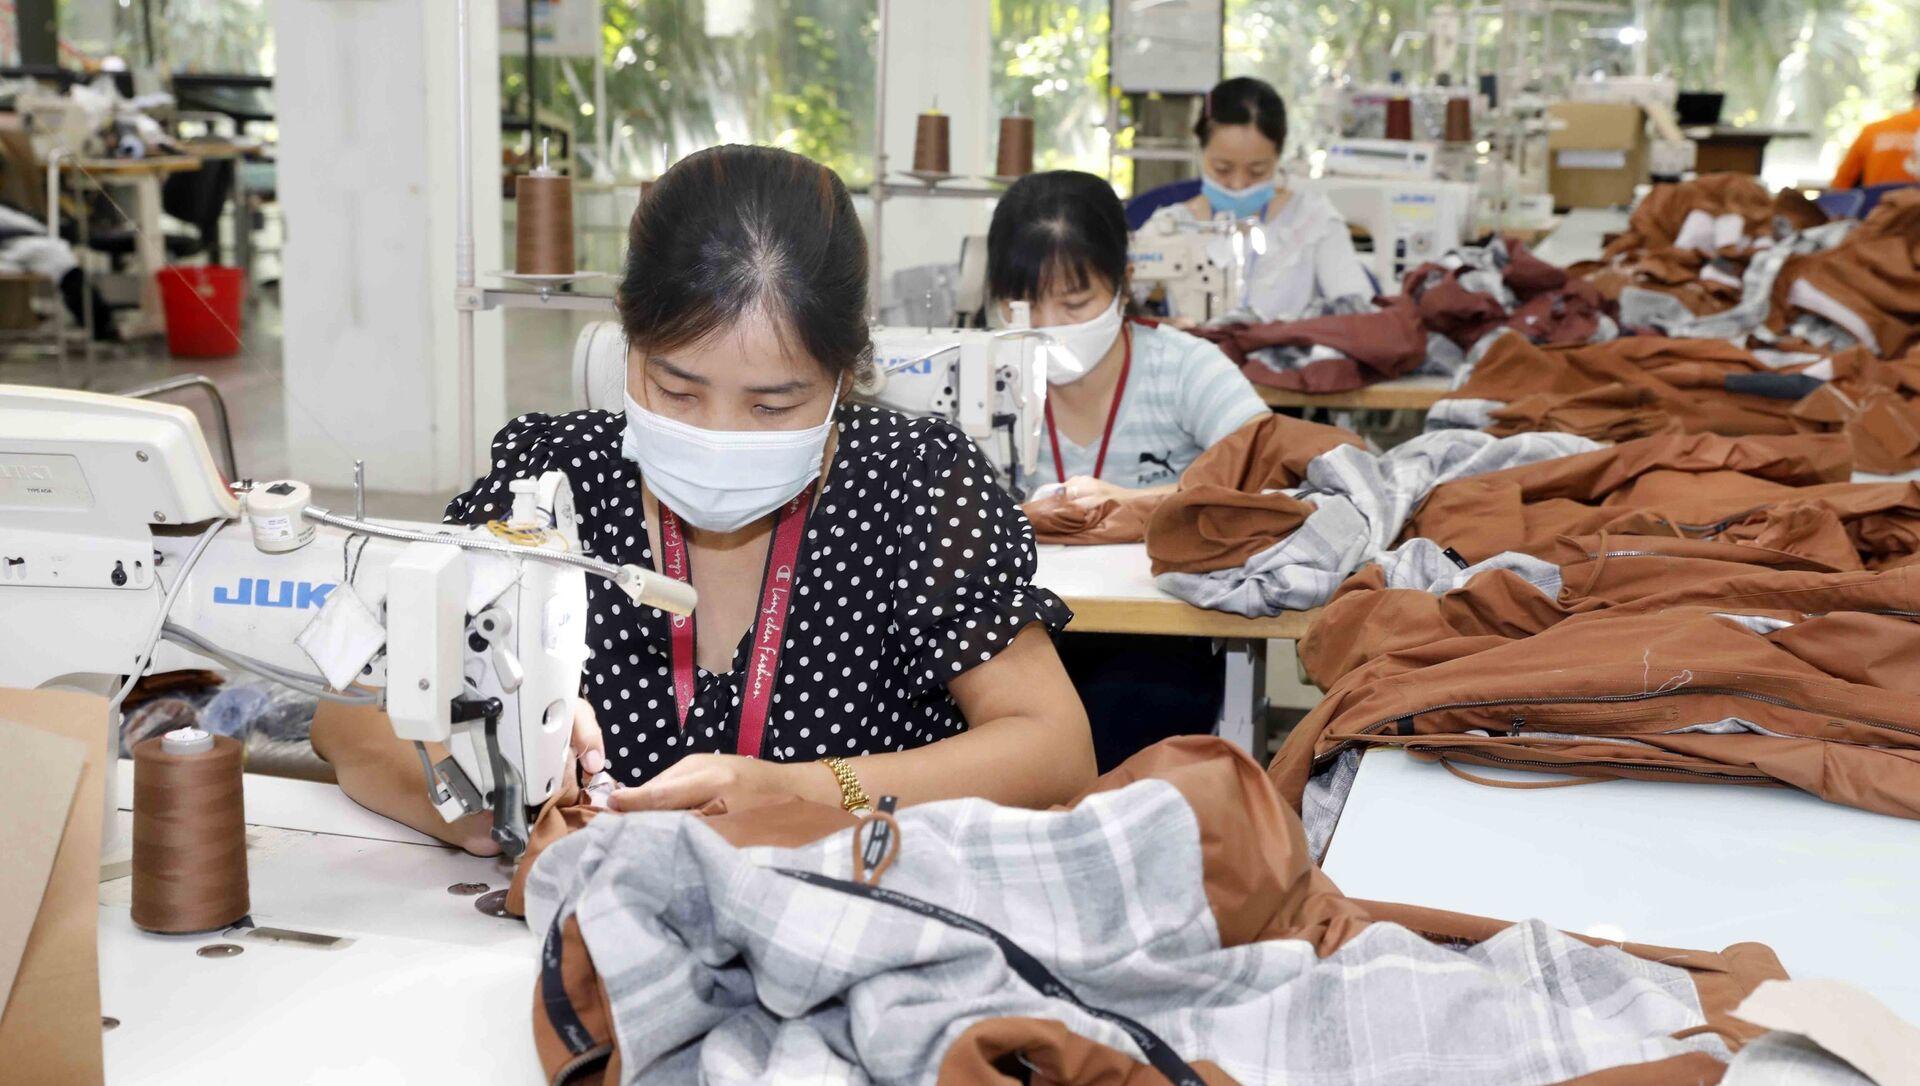 May hàng mẫu cho các hãng thời trang nước ngoài (như Nike, Lululemon, Mountain Hardwer…) tại Công ty Maxport Hạ Đình, Thanh Xuân, Hà Nội - Sputnik Việt Nam, 1920, 30.07.2021